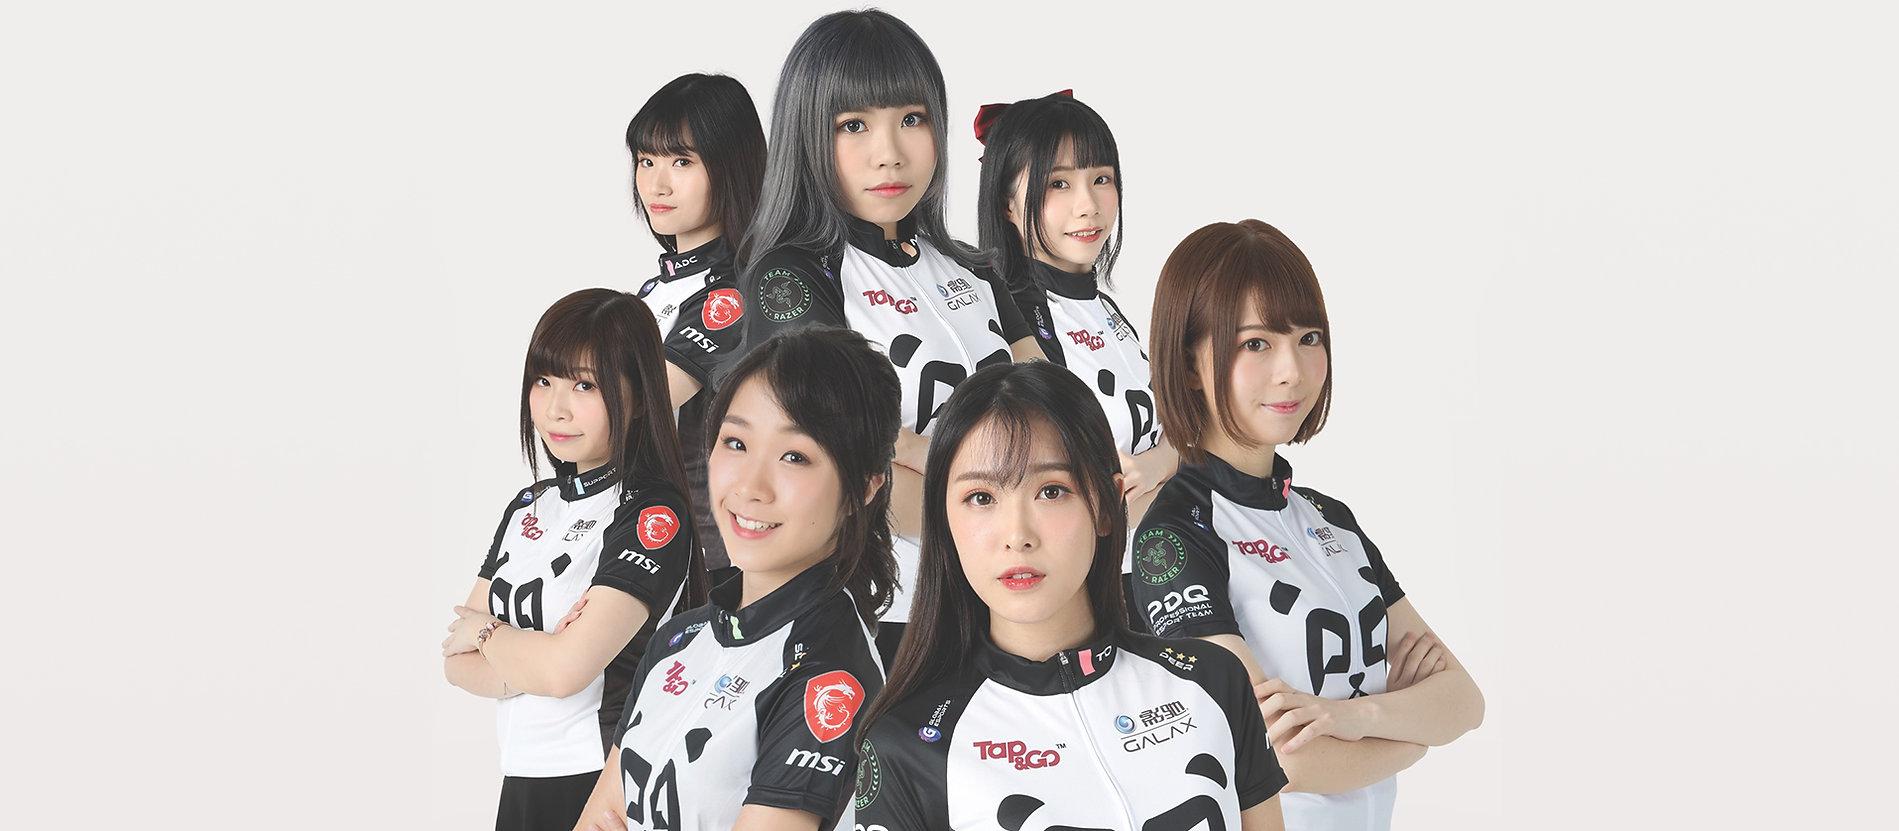 PDQ team photo.jpg